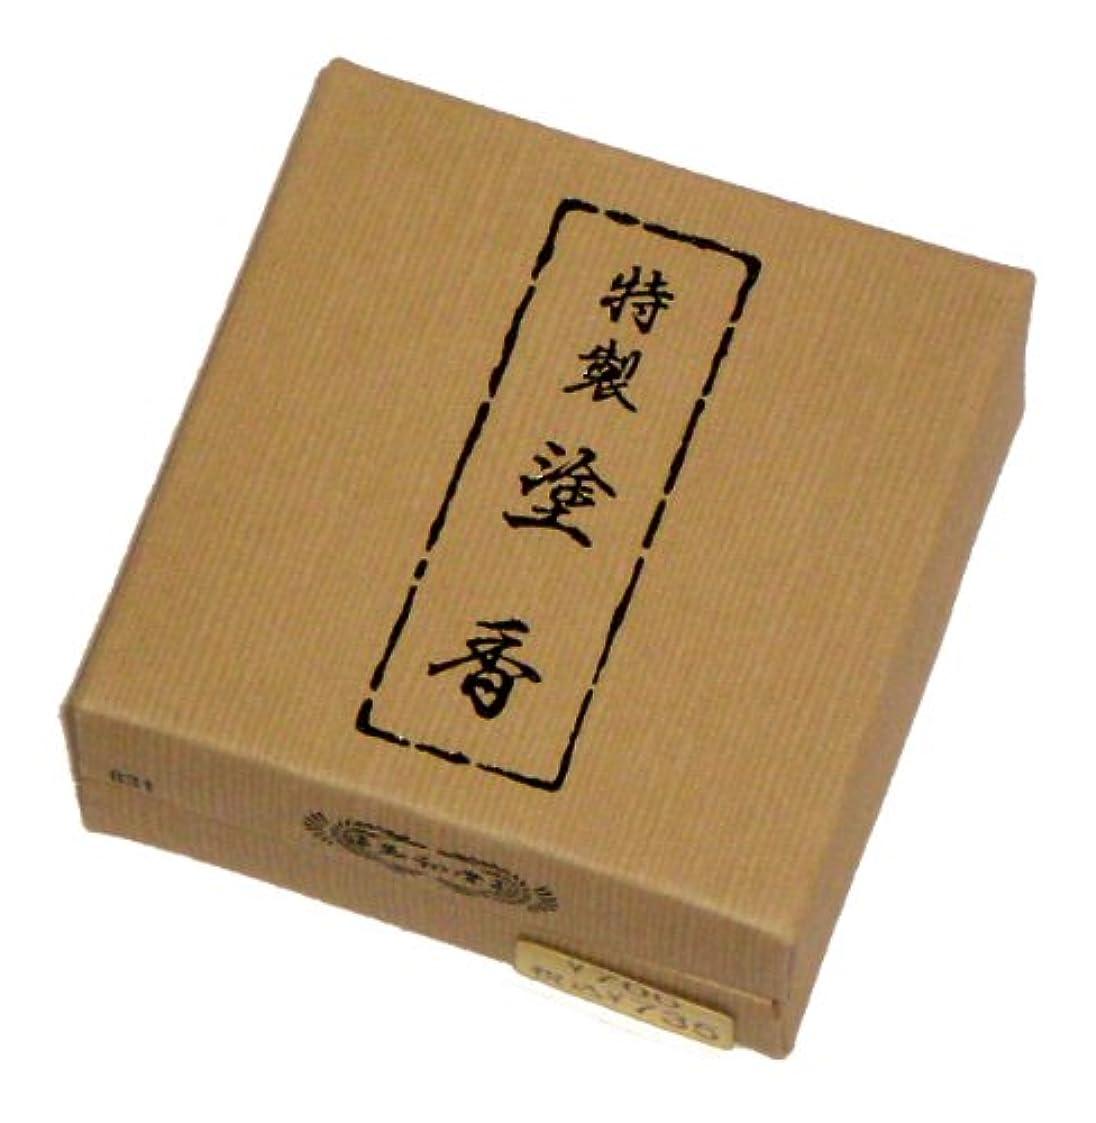 運河無駄平和な玉初堂のお香 特製塗香 15g 紙箱 #831